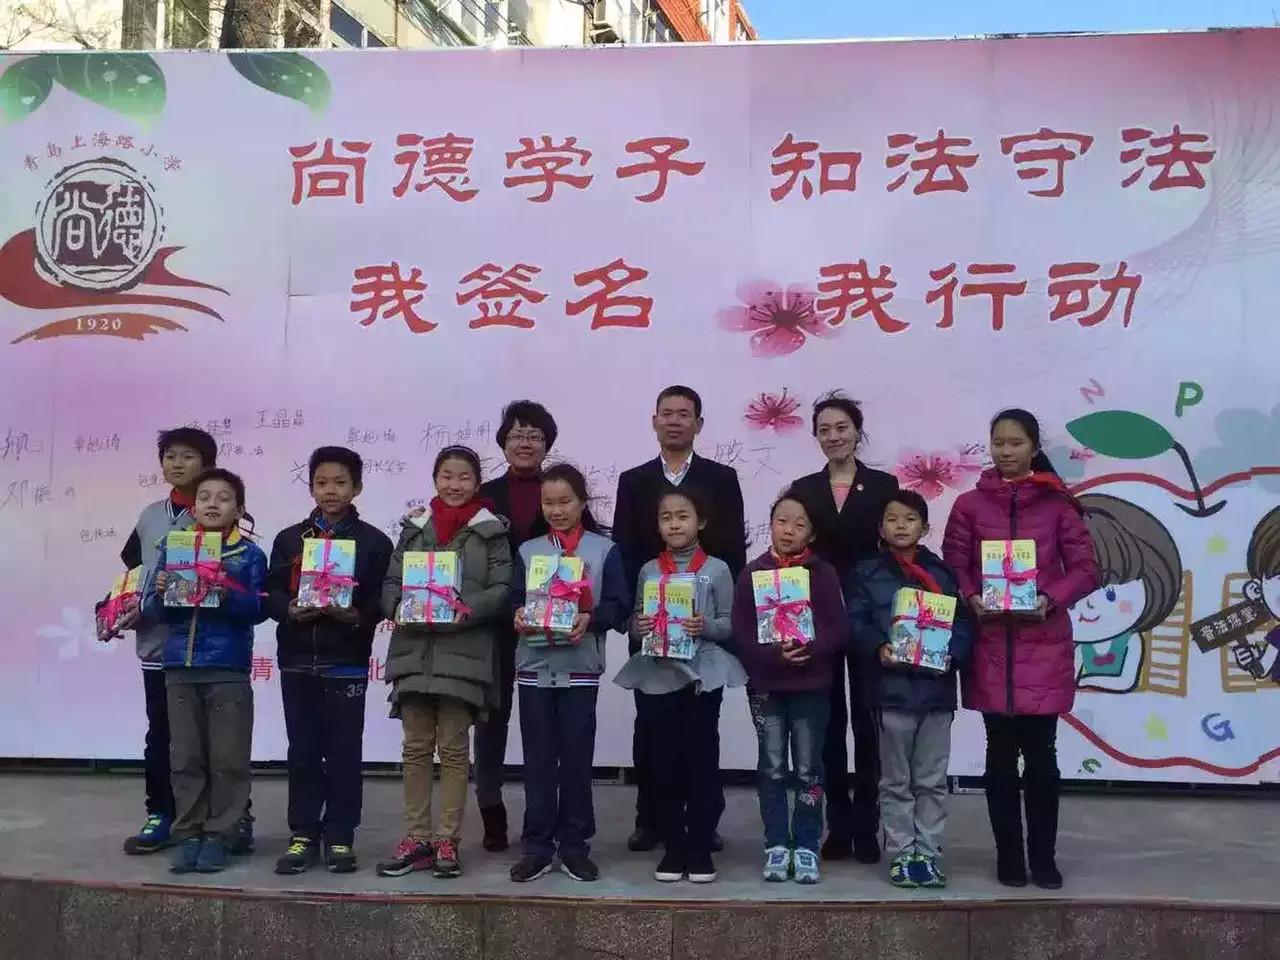 青岛开展国家宪法日主题活动 普法教育走进校园